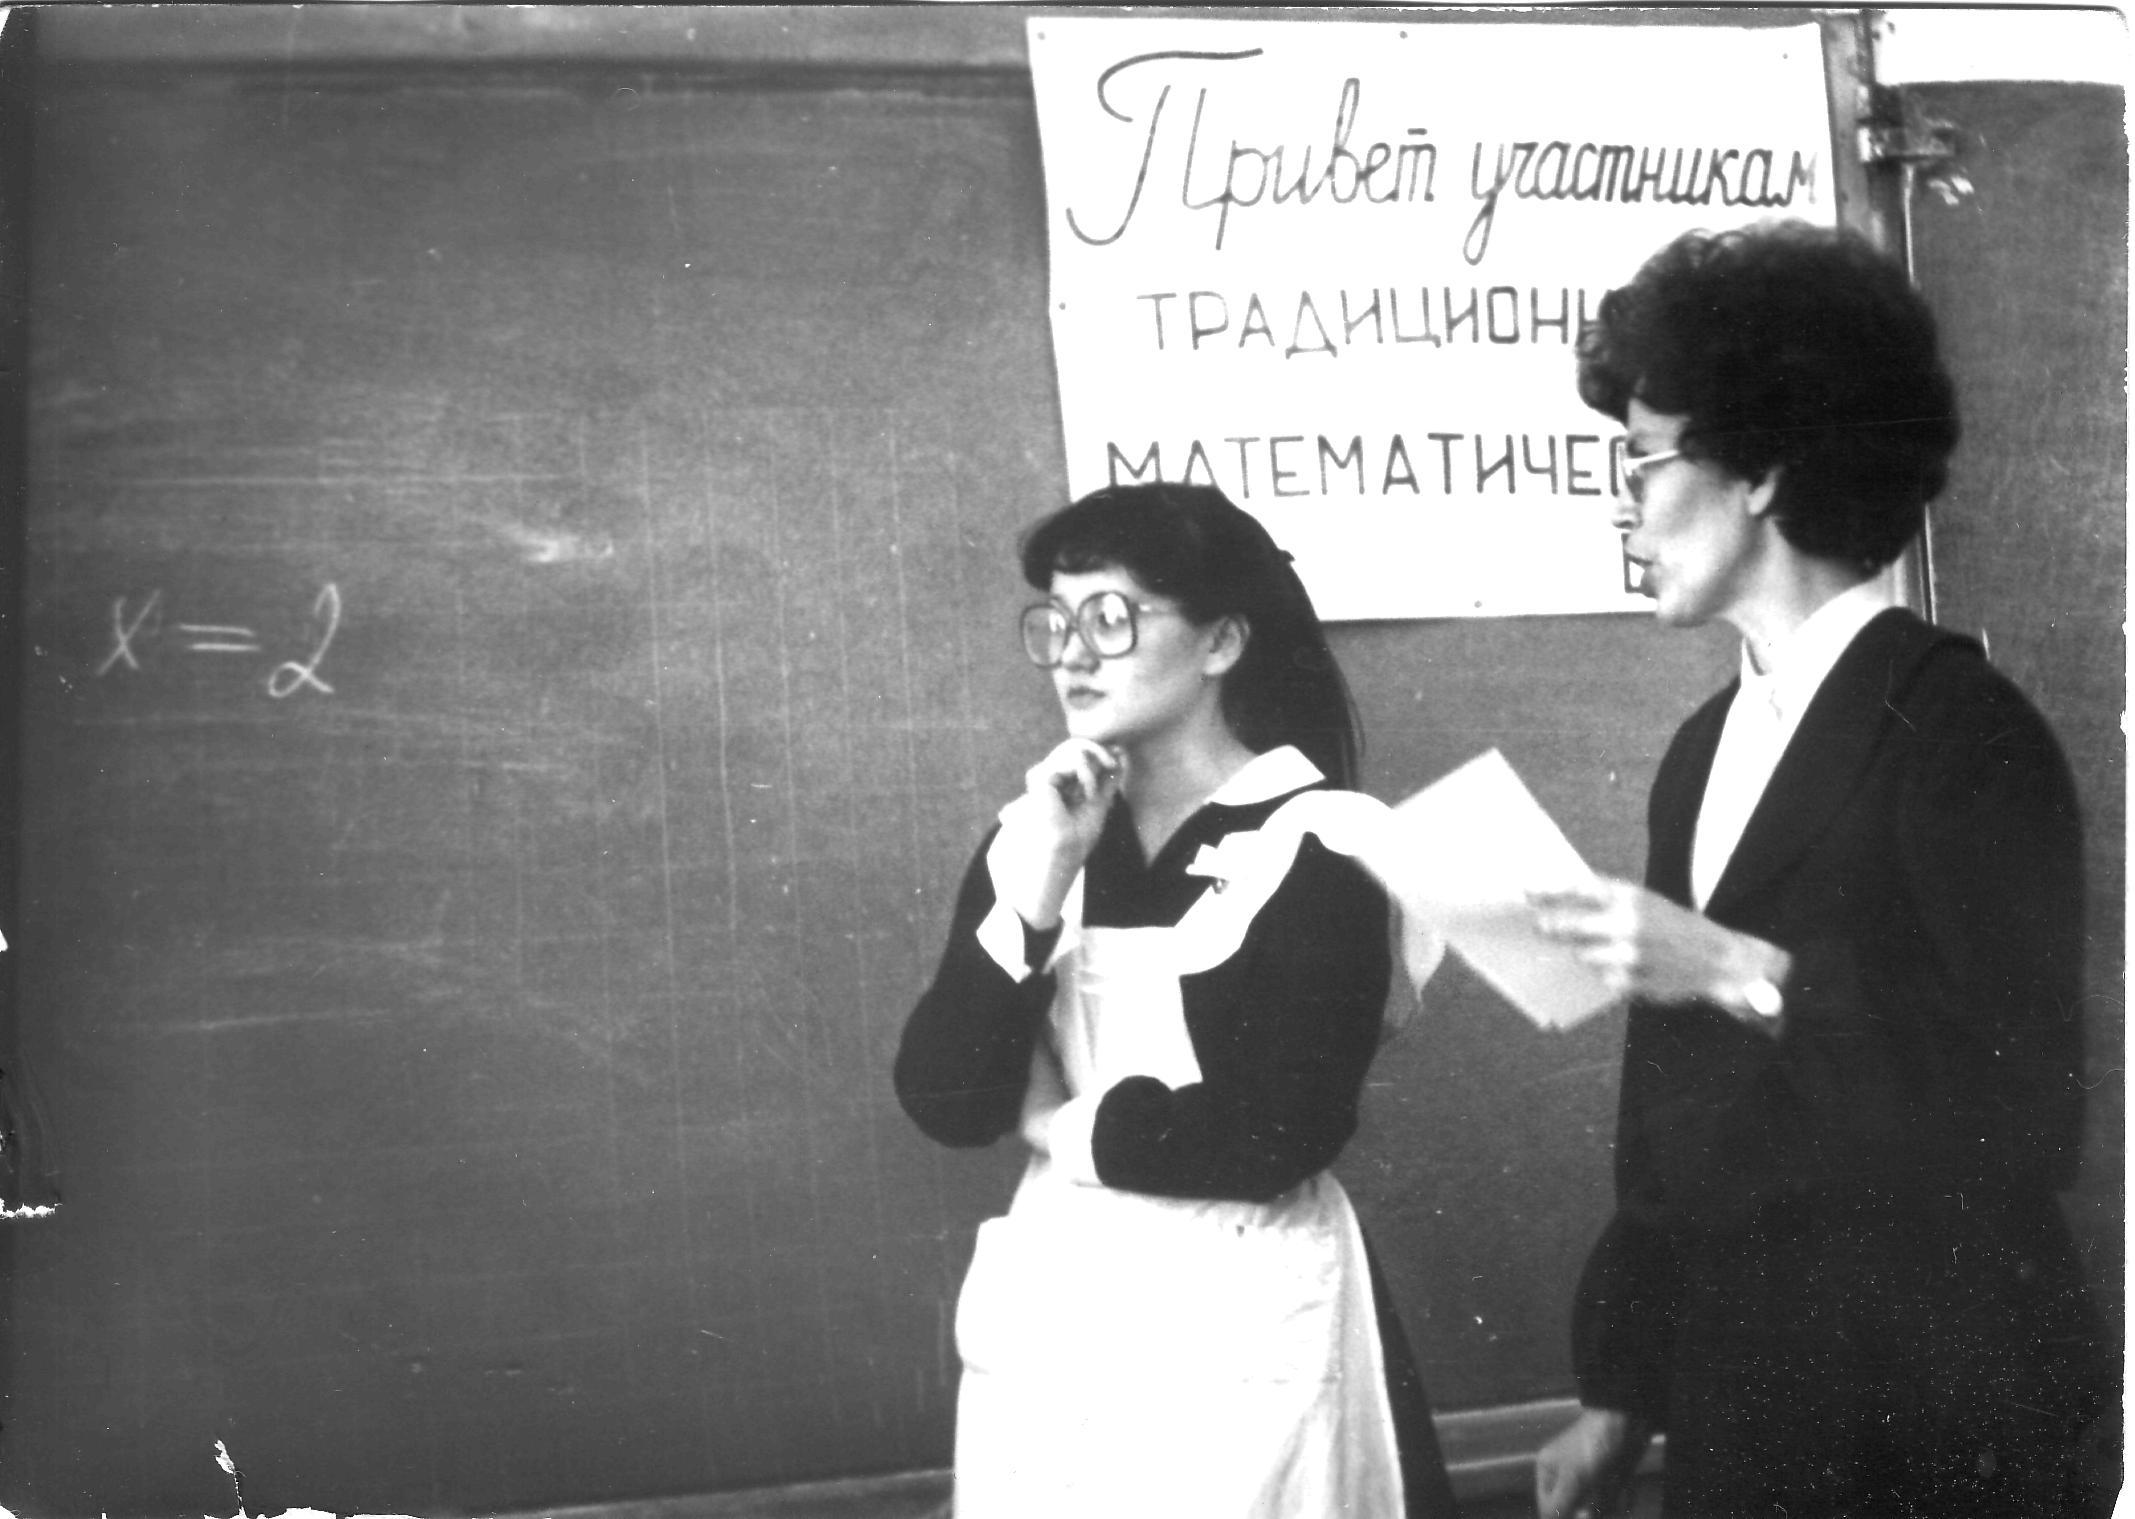 Момент Математического боя - 1984